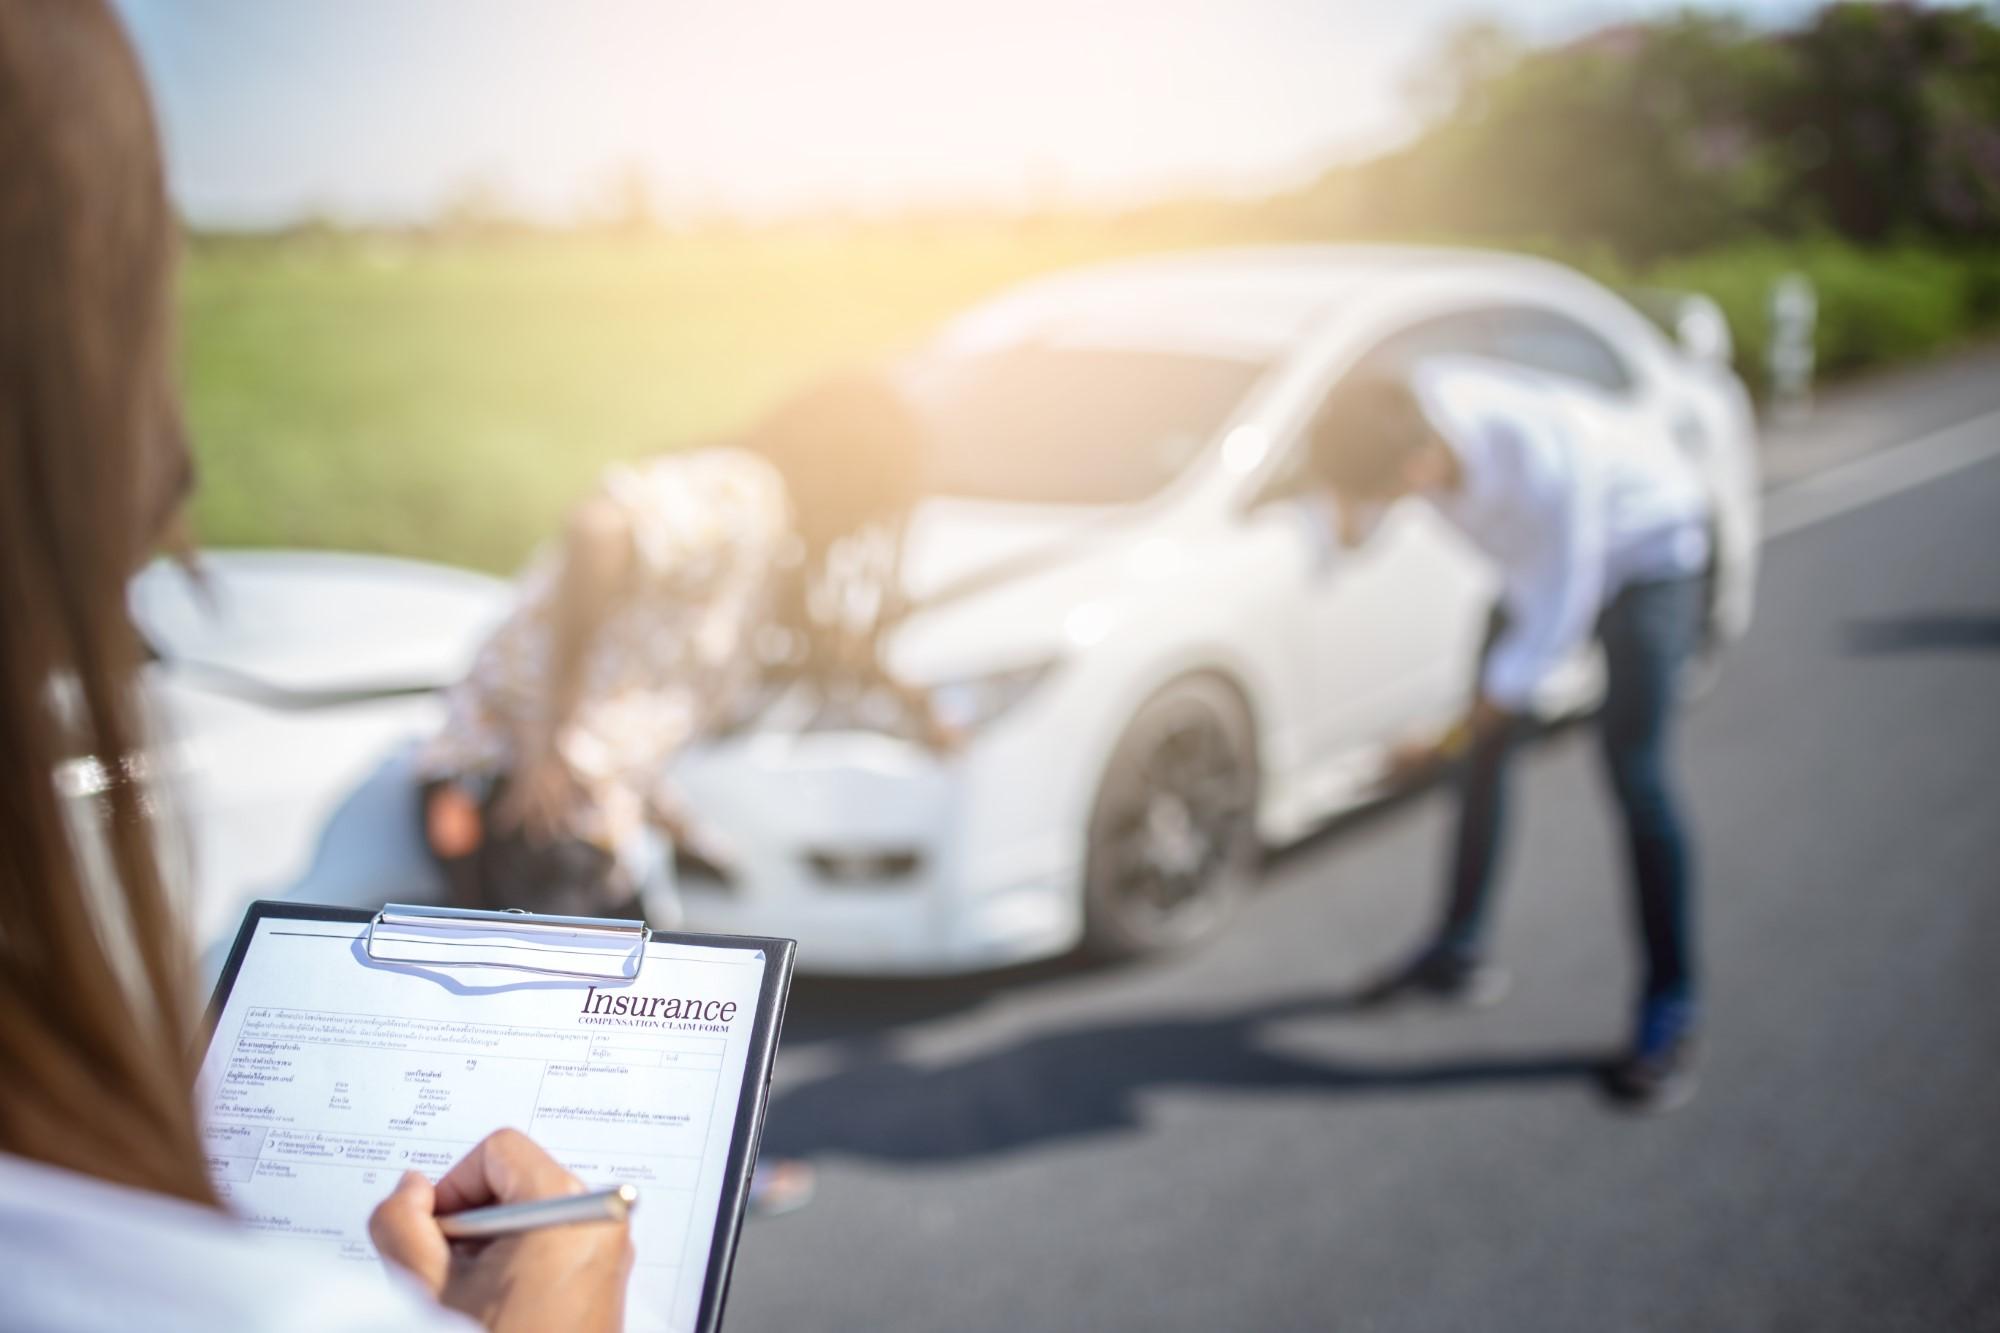 מעורב בתאונת דרכים